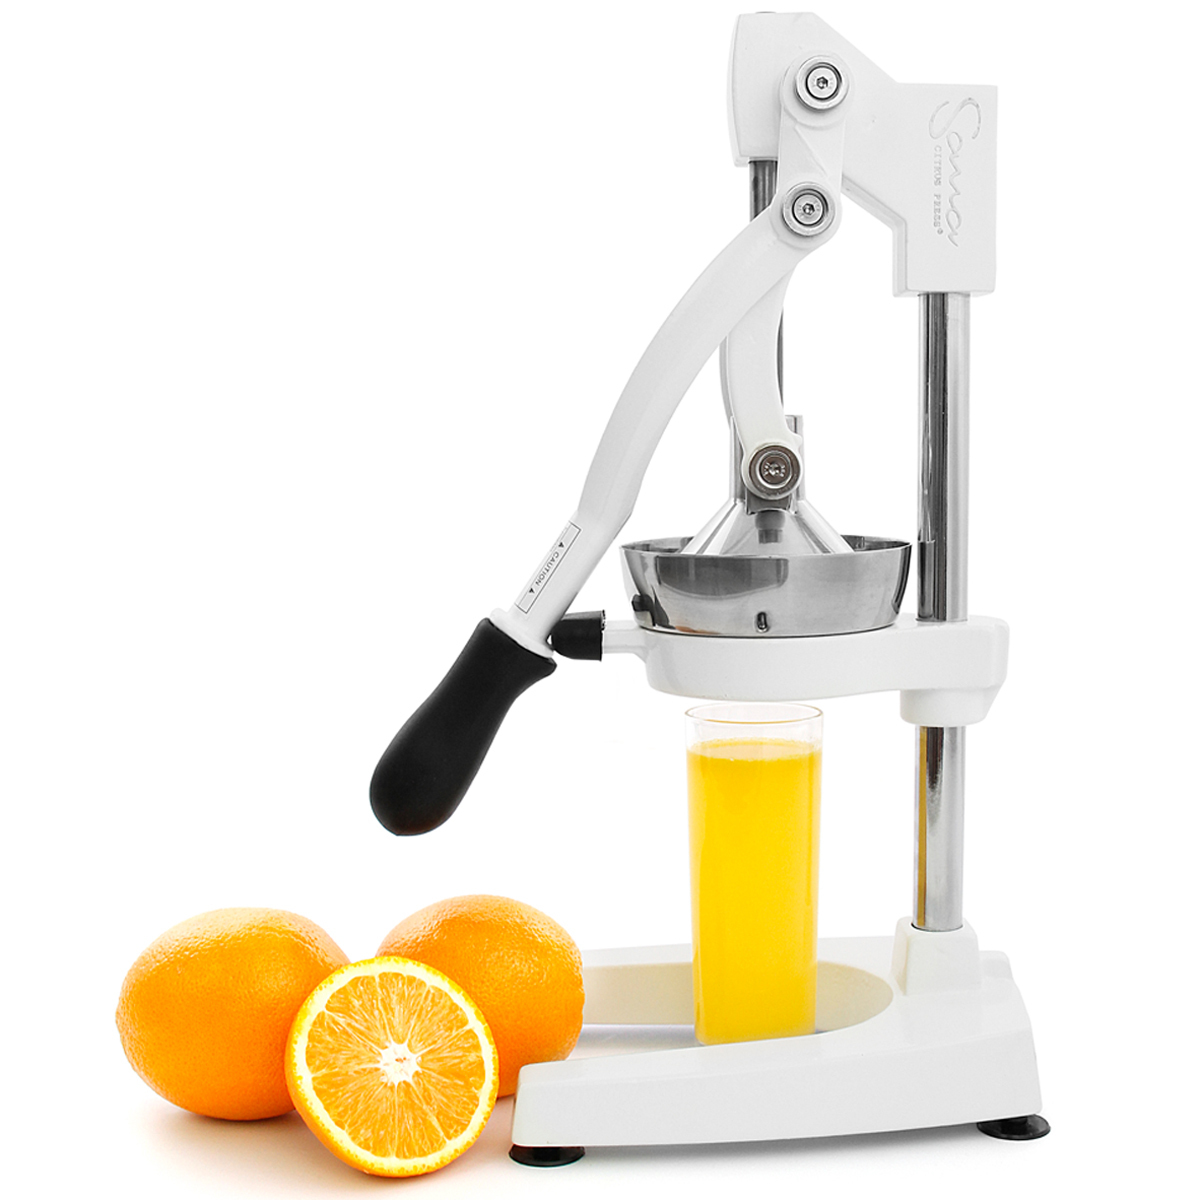 Соковыжималка прессовая Sana Citrus Press белая